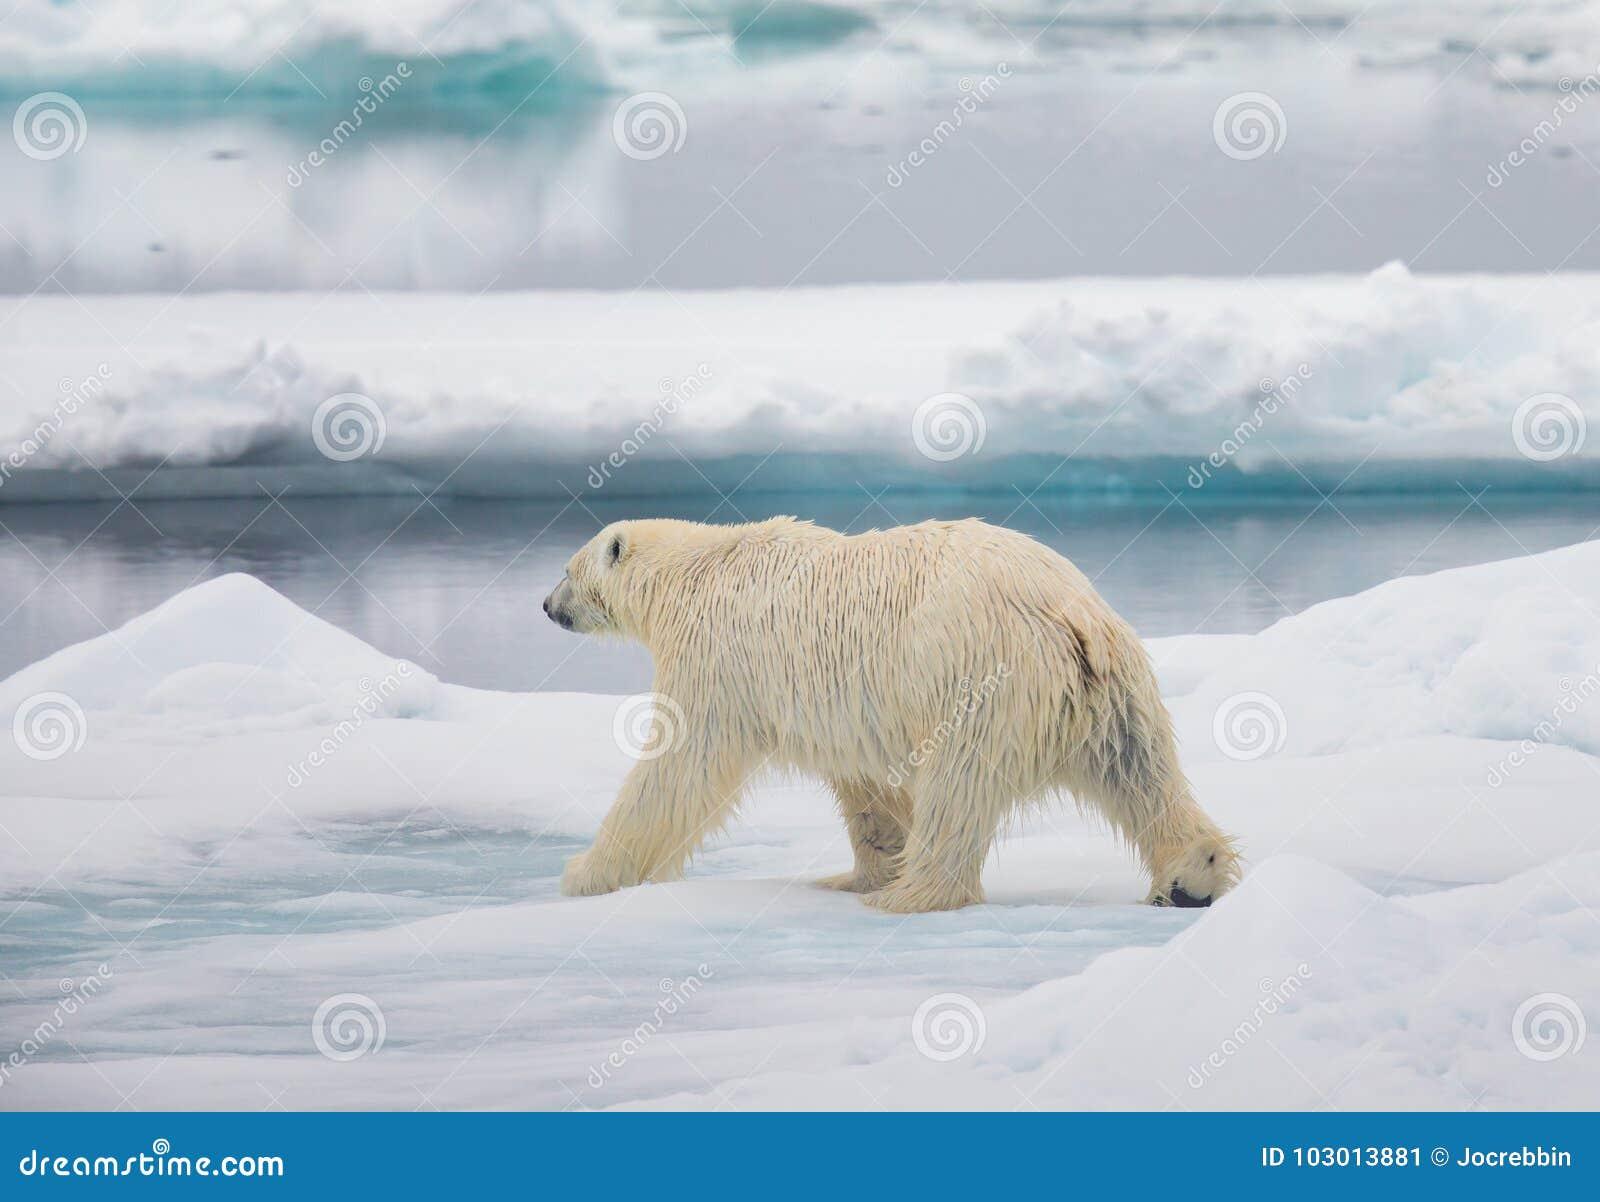 Male polar bear walking stock image  Image of reducing